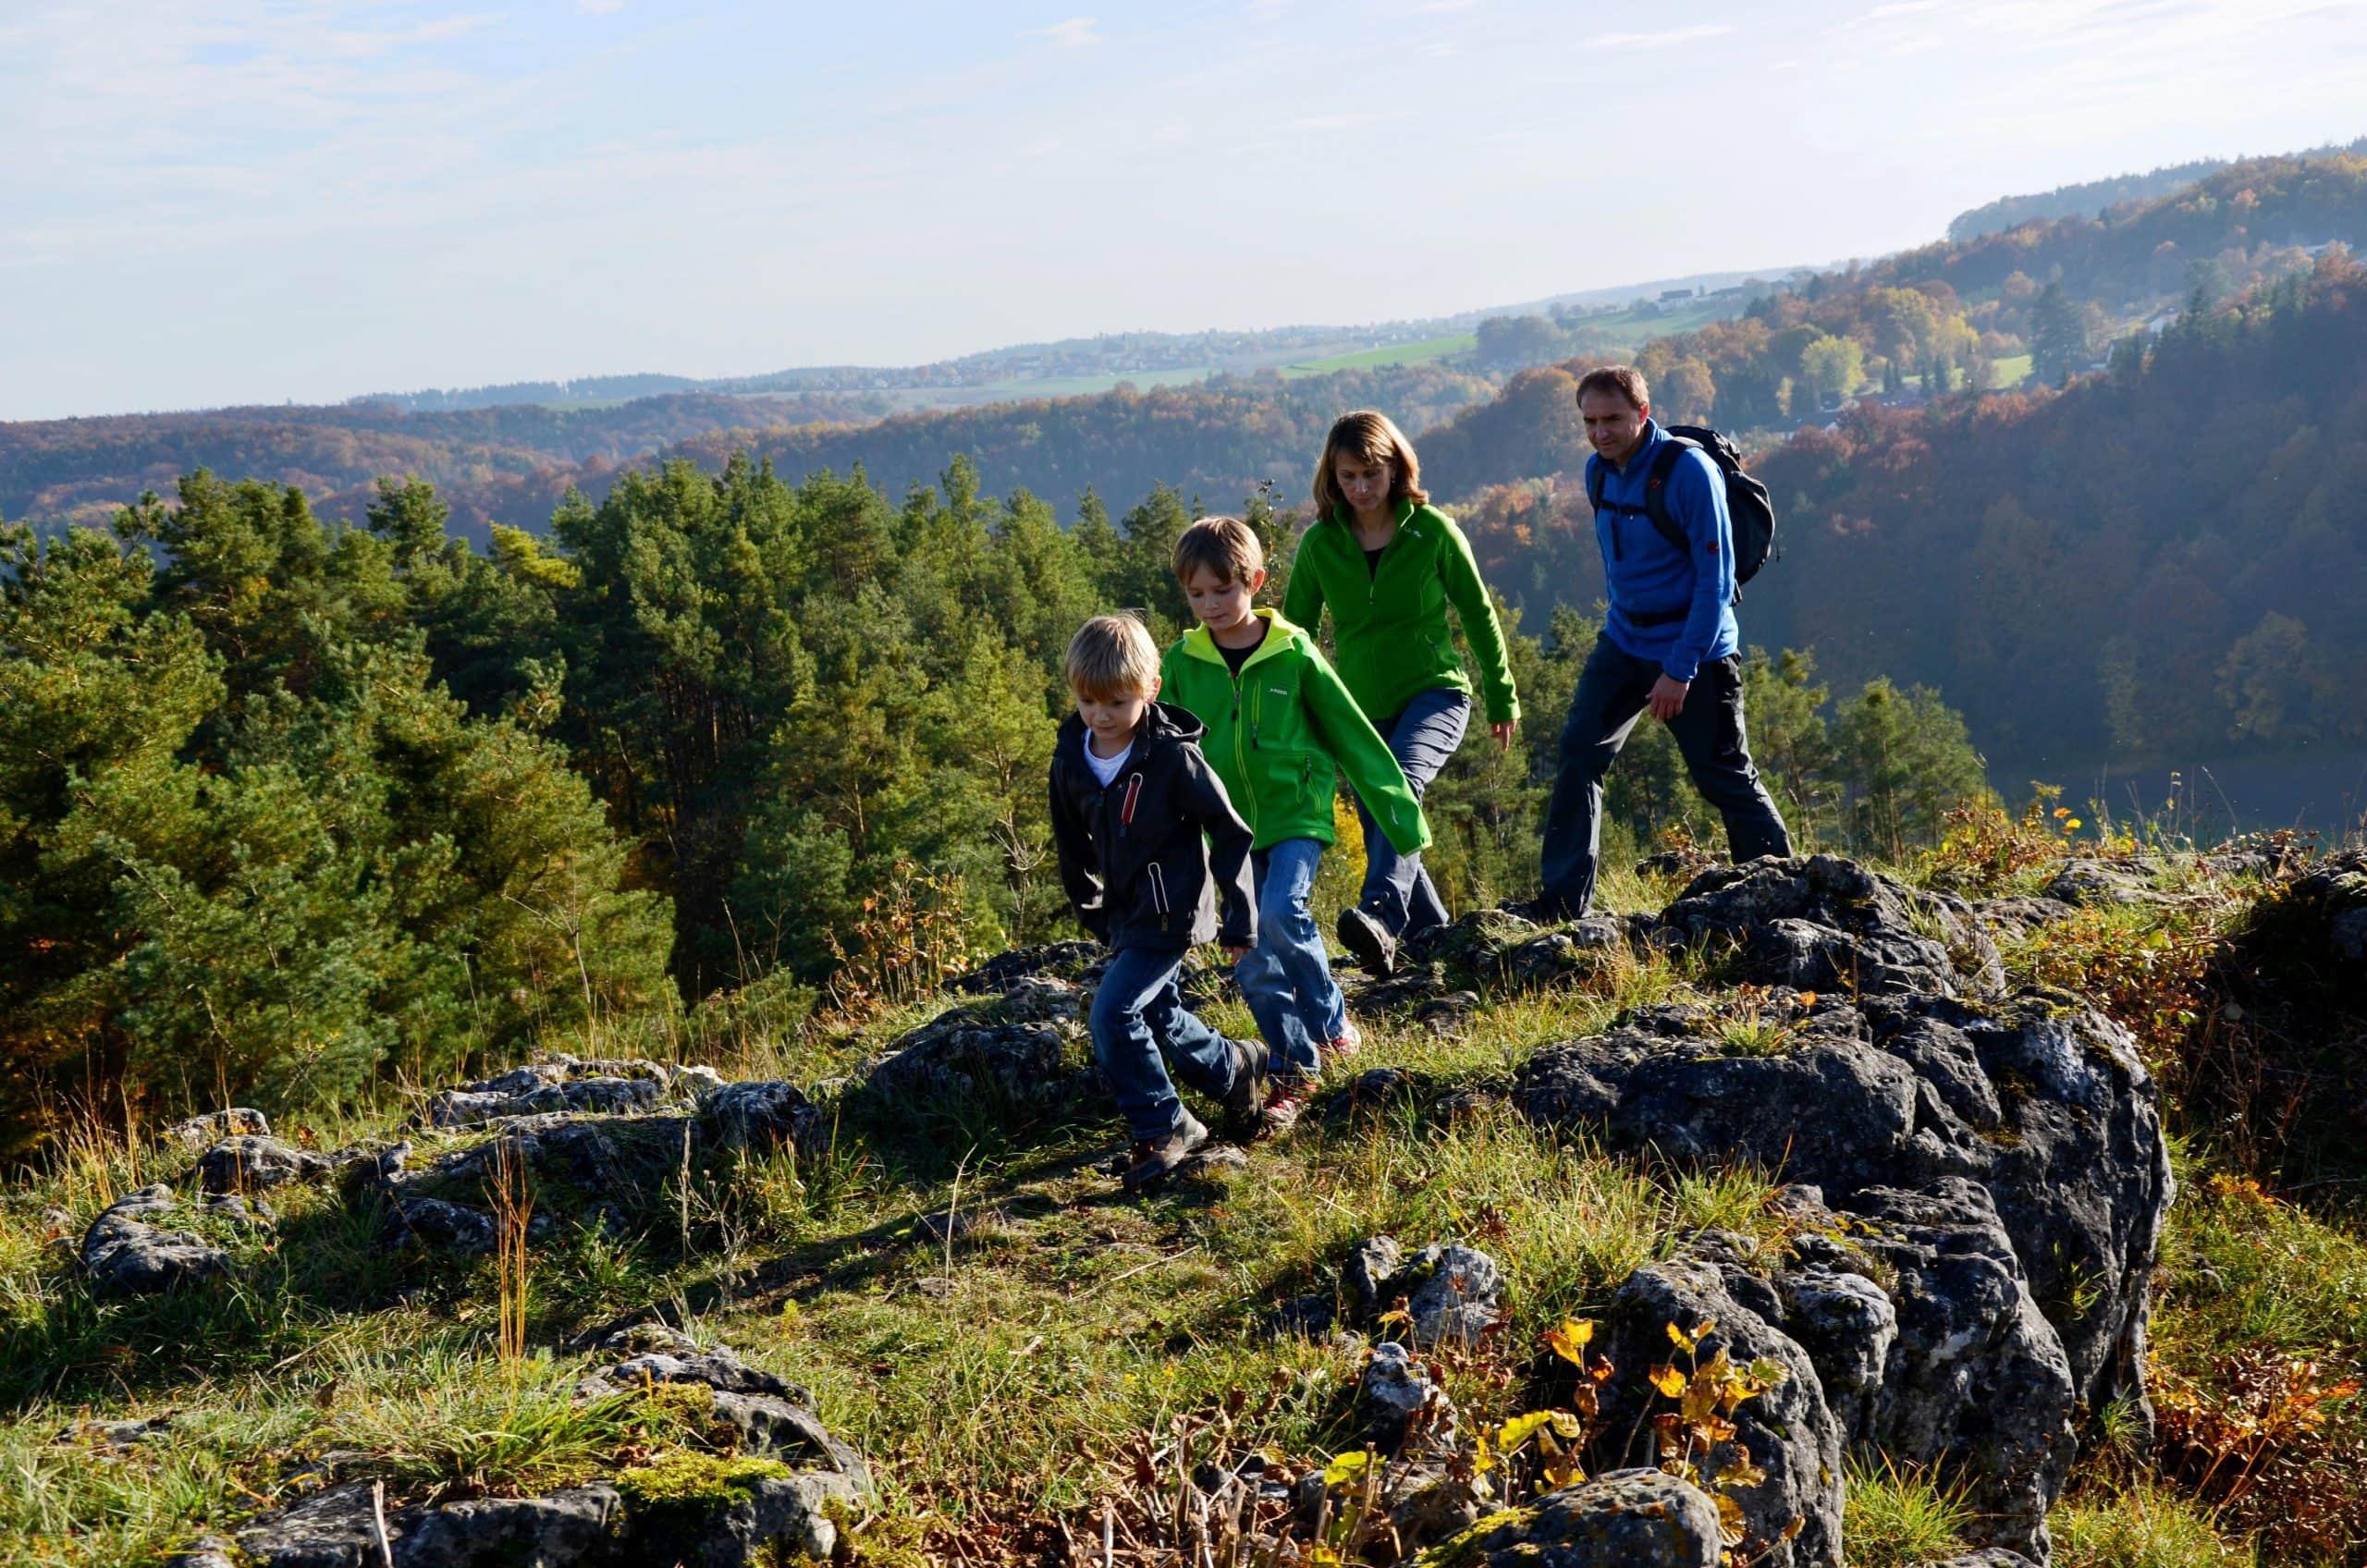 Auf den Spuren von Rittern Burgensteig im Tal der Schwarzen Laber im Rennen um schönsten Wanderweg